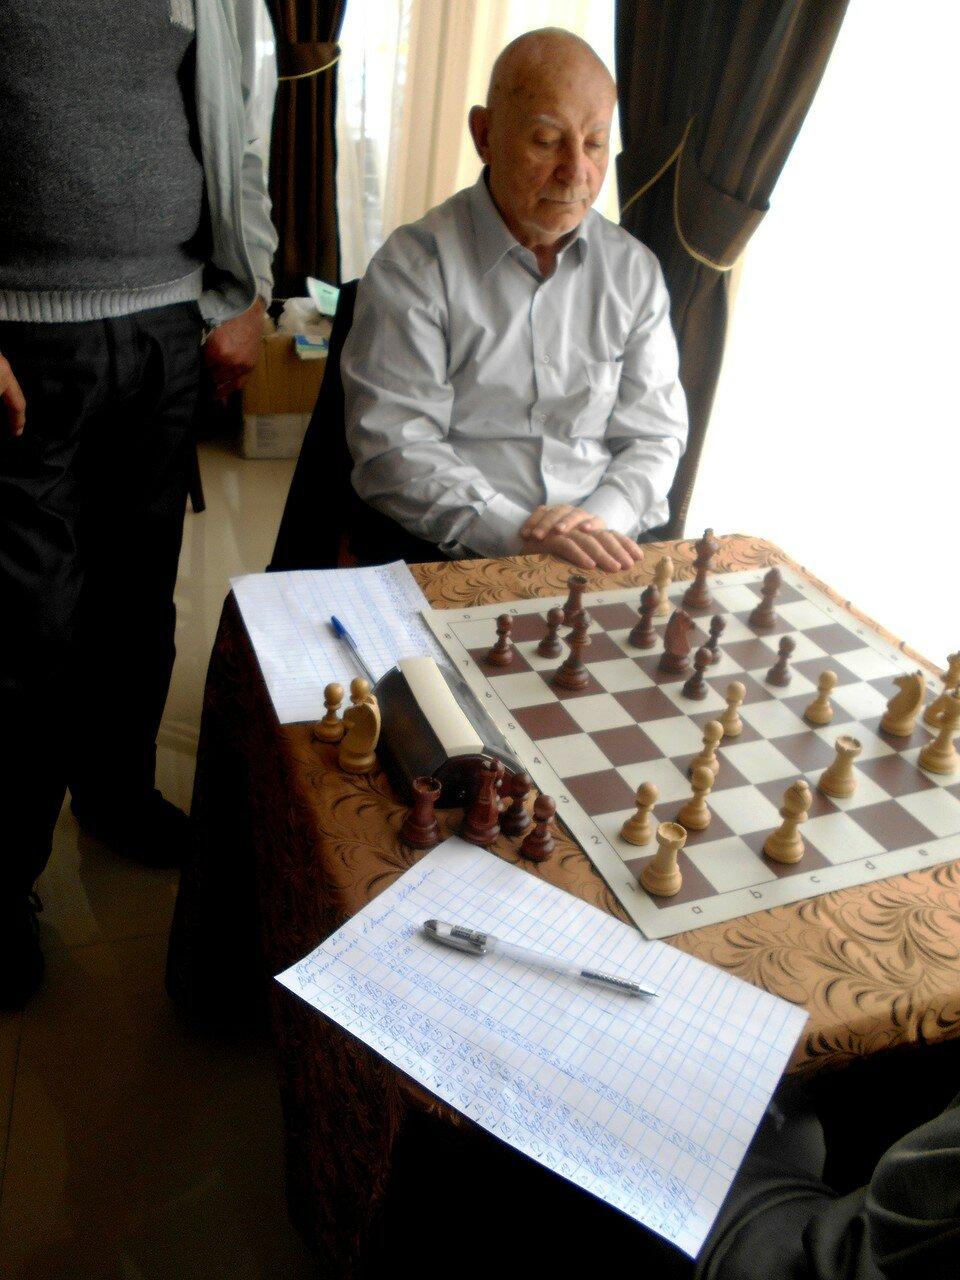 Старейший шахматист Кубани Вертегел Е.И. ... DSCN1896.JPG